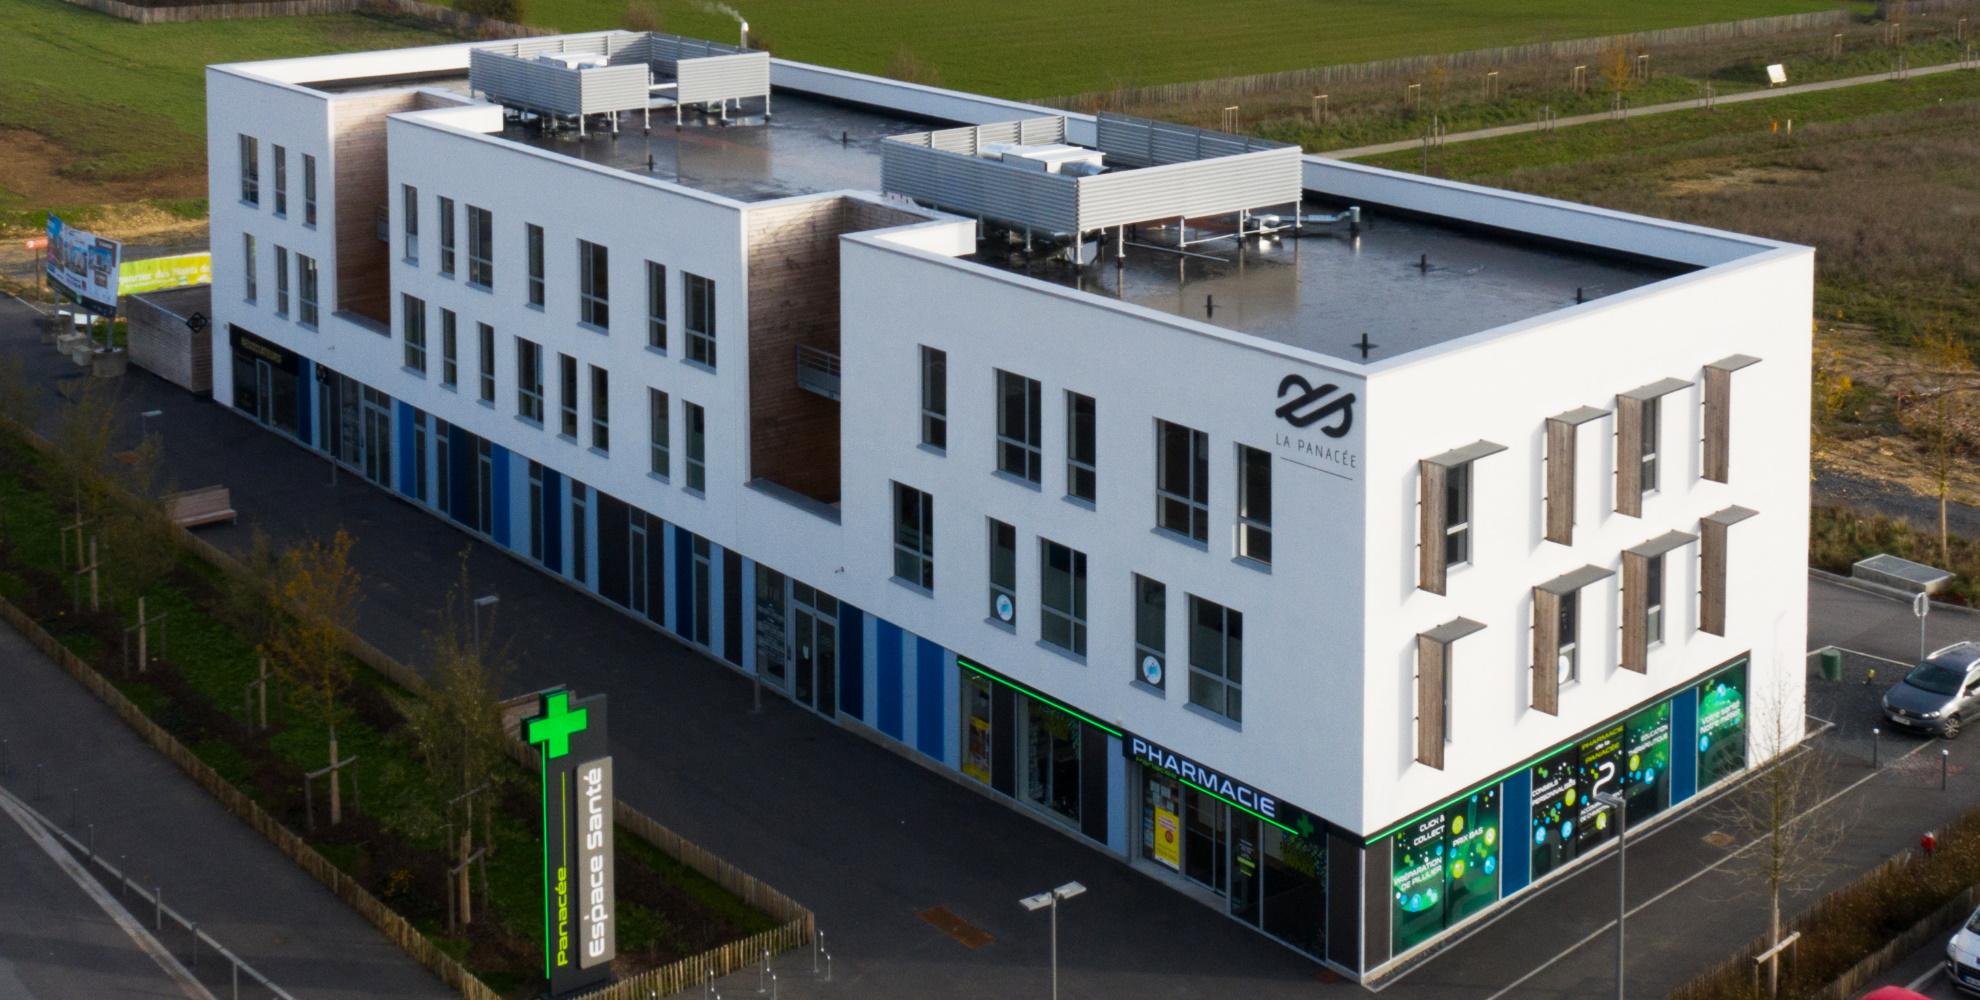 Immobilier-Bureaux-FleurysurOrne-NormandieAmenagement-avendre1200-lot16-2